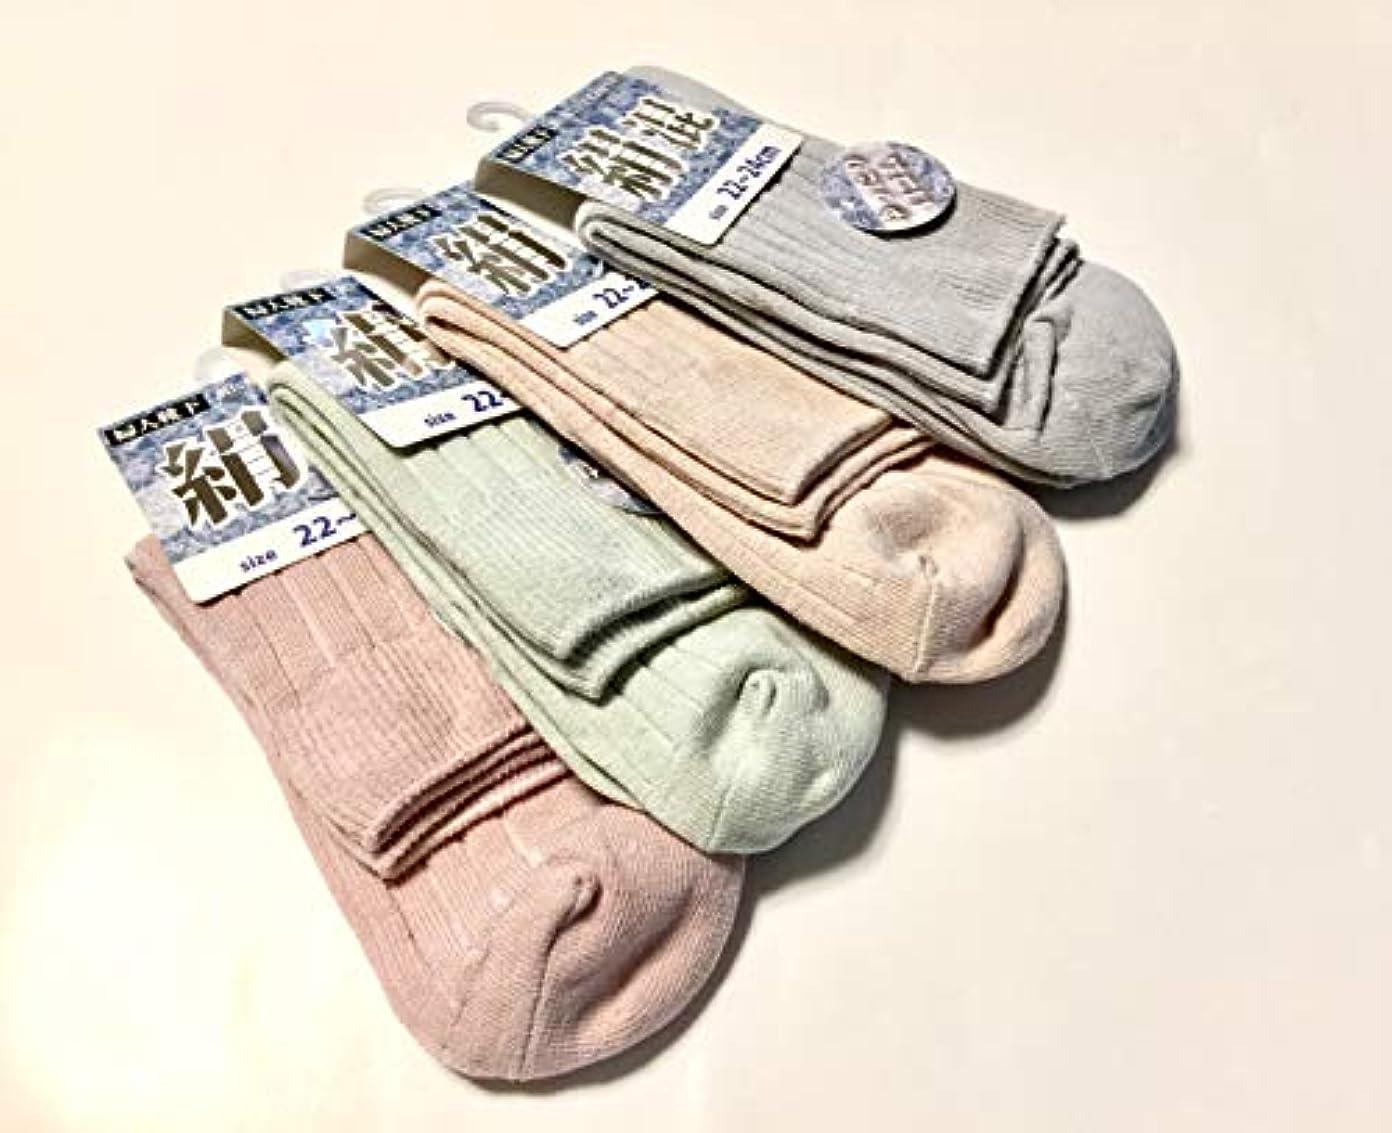 信頼宿泊例外靴下 レディース シルク混 リブソックス 口ゴムゆったり 22-24cm 4足組(色はお任せ)